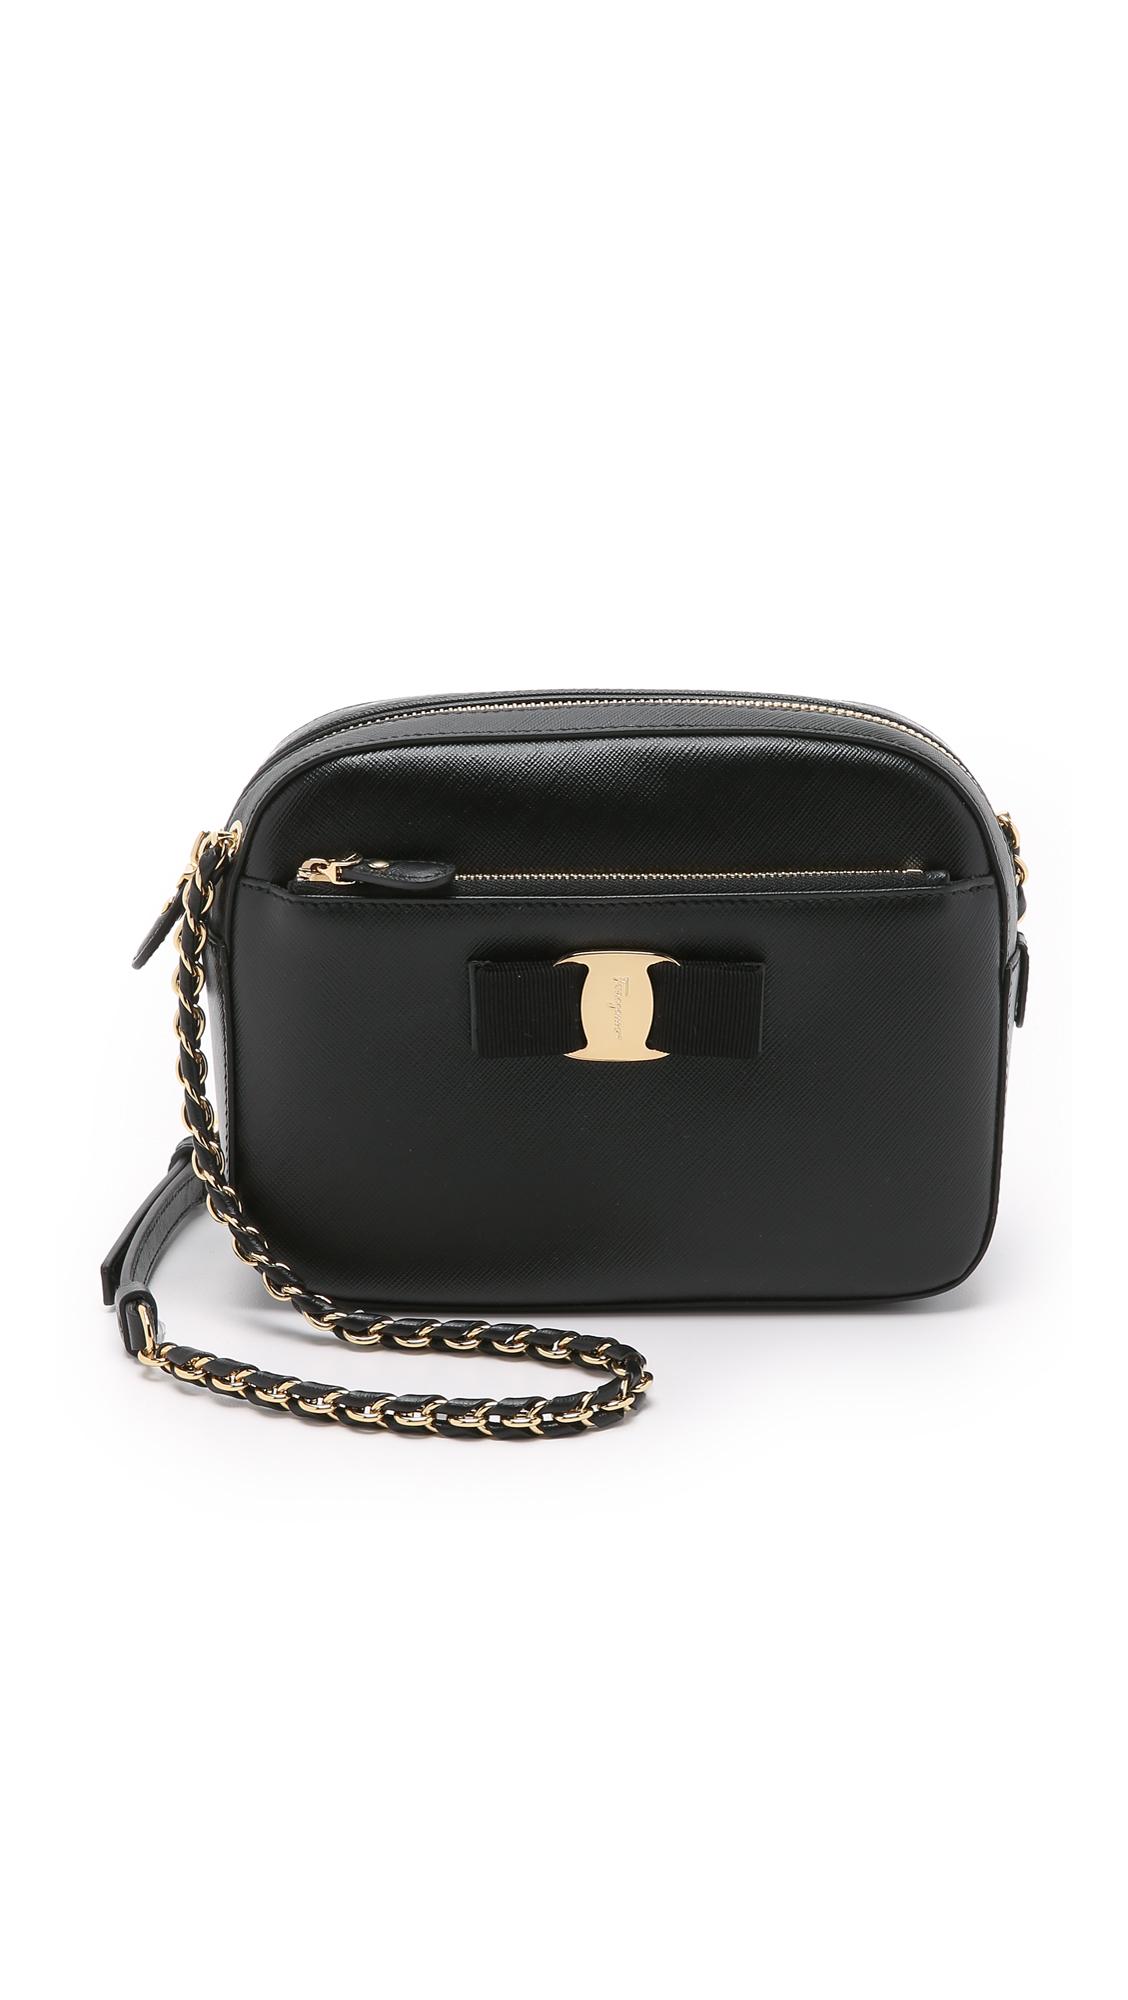 8619825c0e Salvatore Ferragamo Lydia Leather Bow Camera Bag